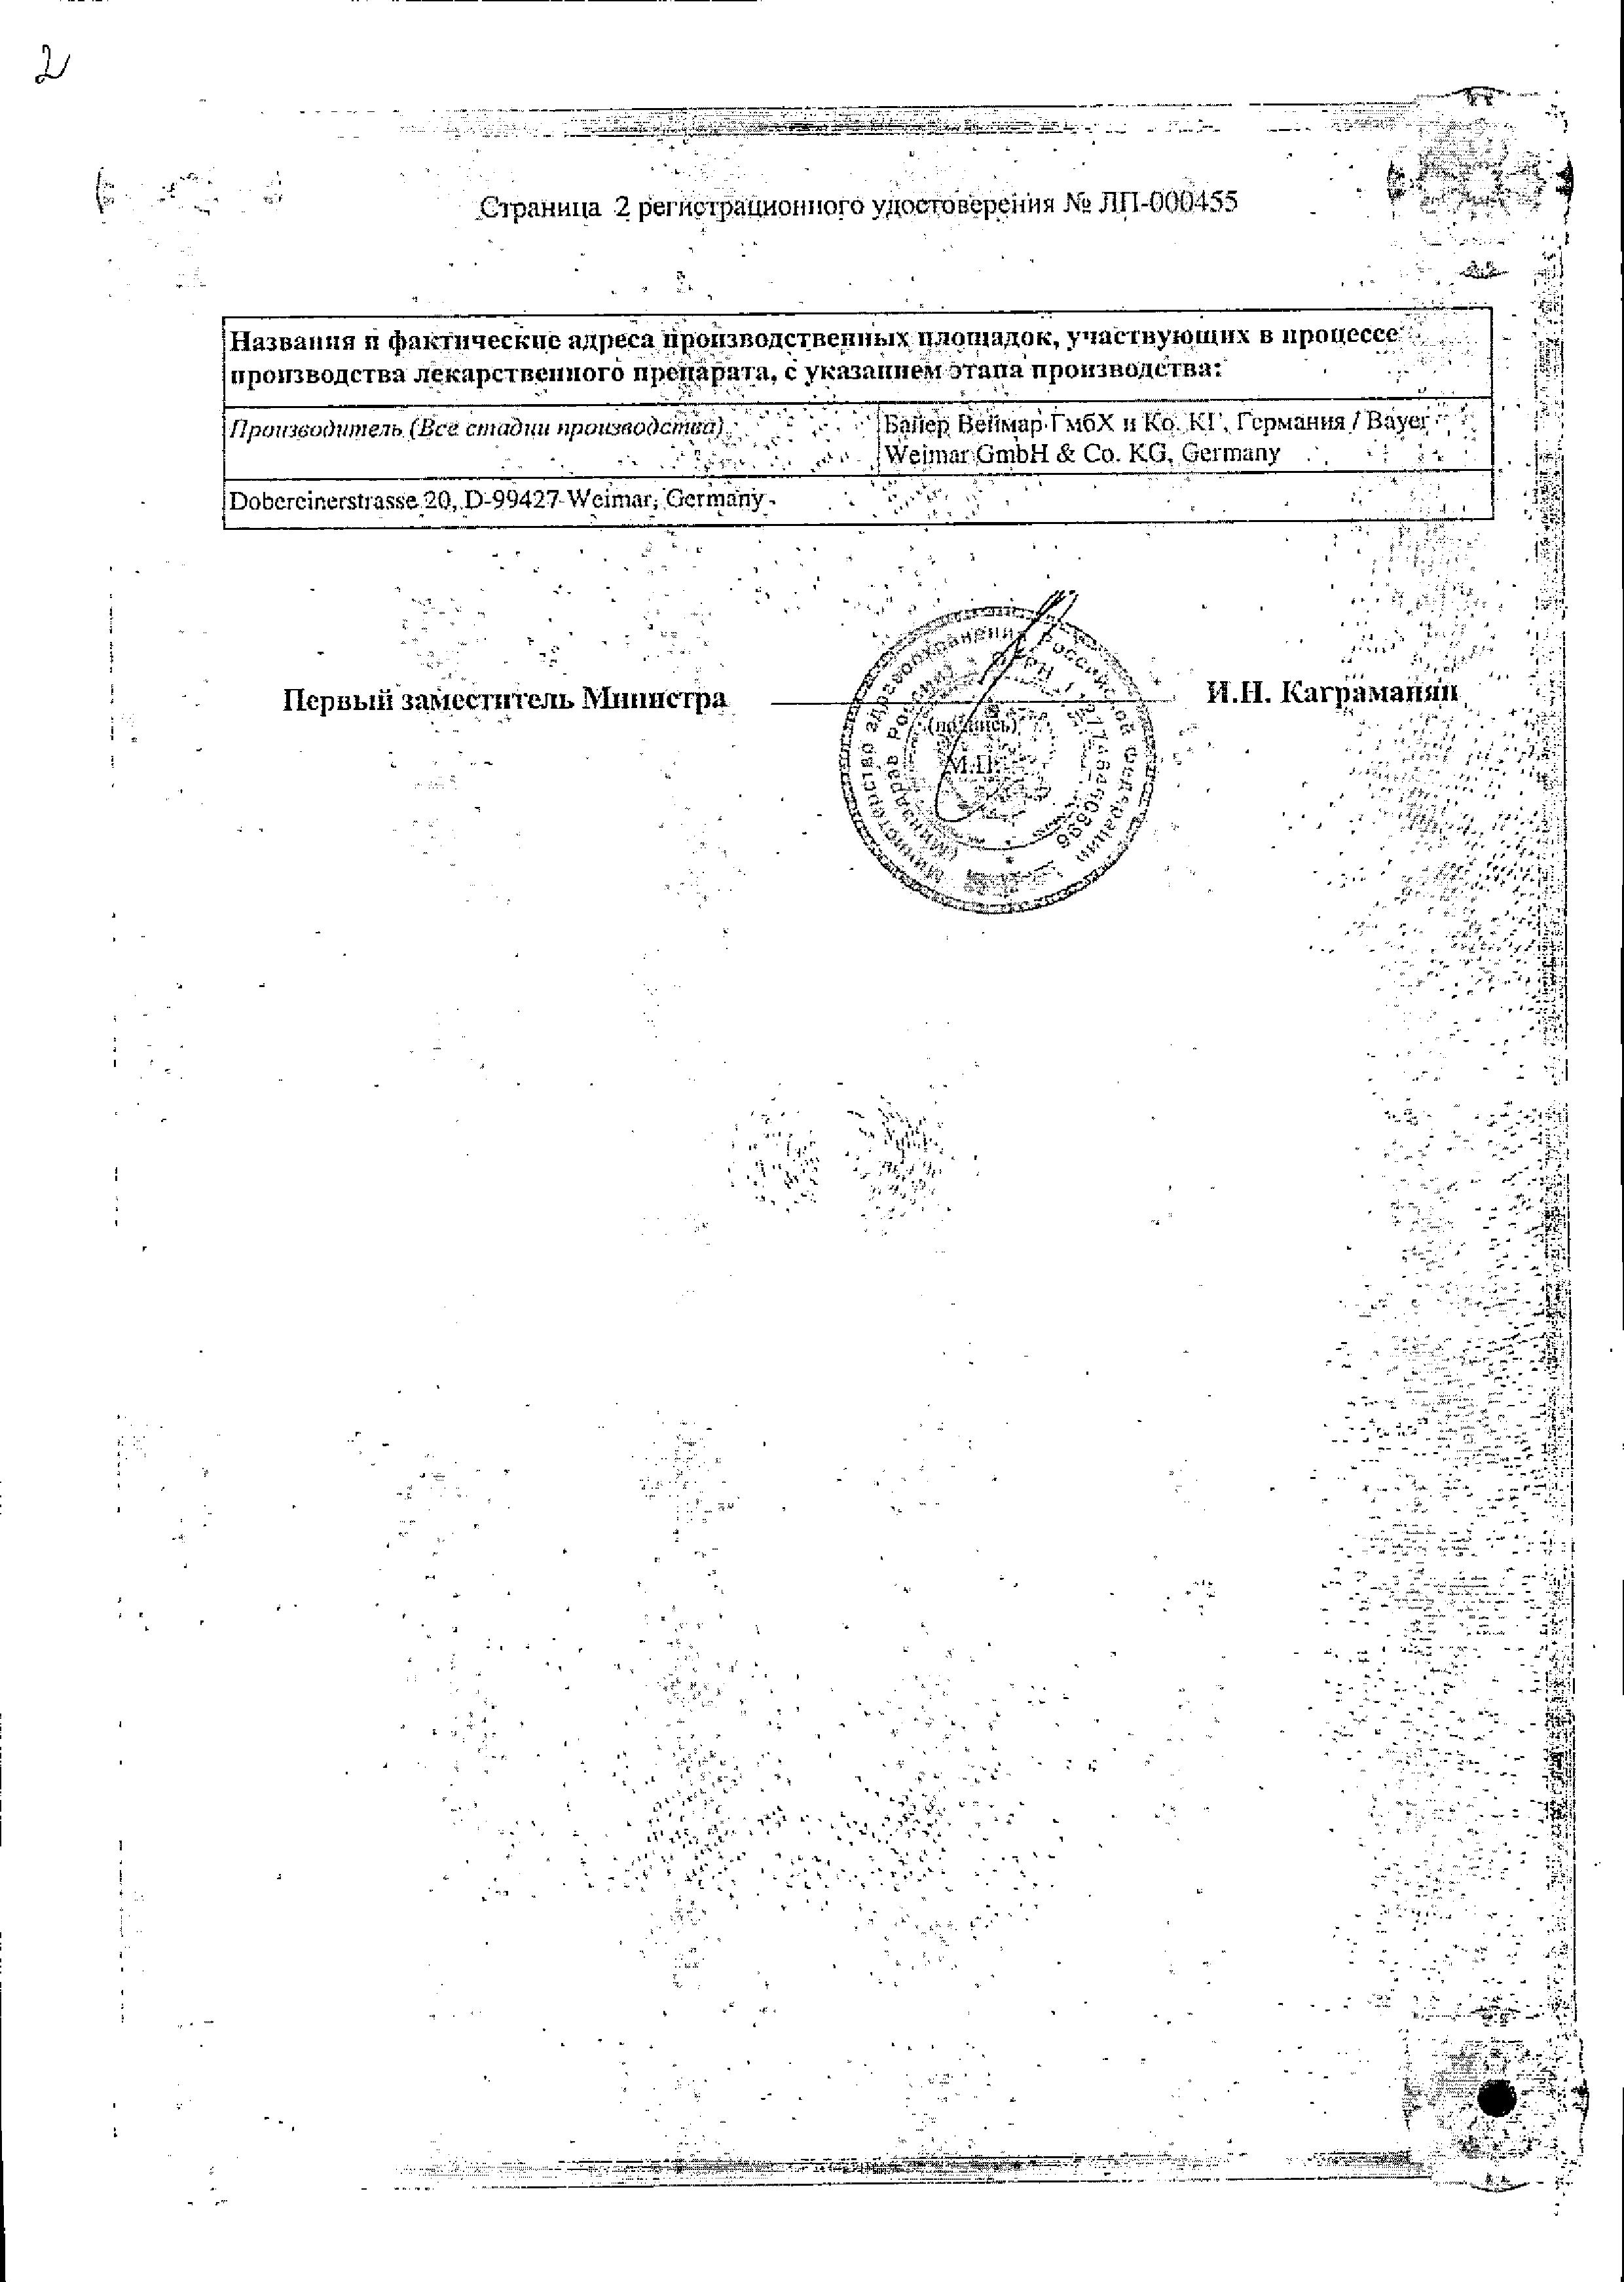 Визанна сертификат